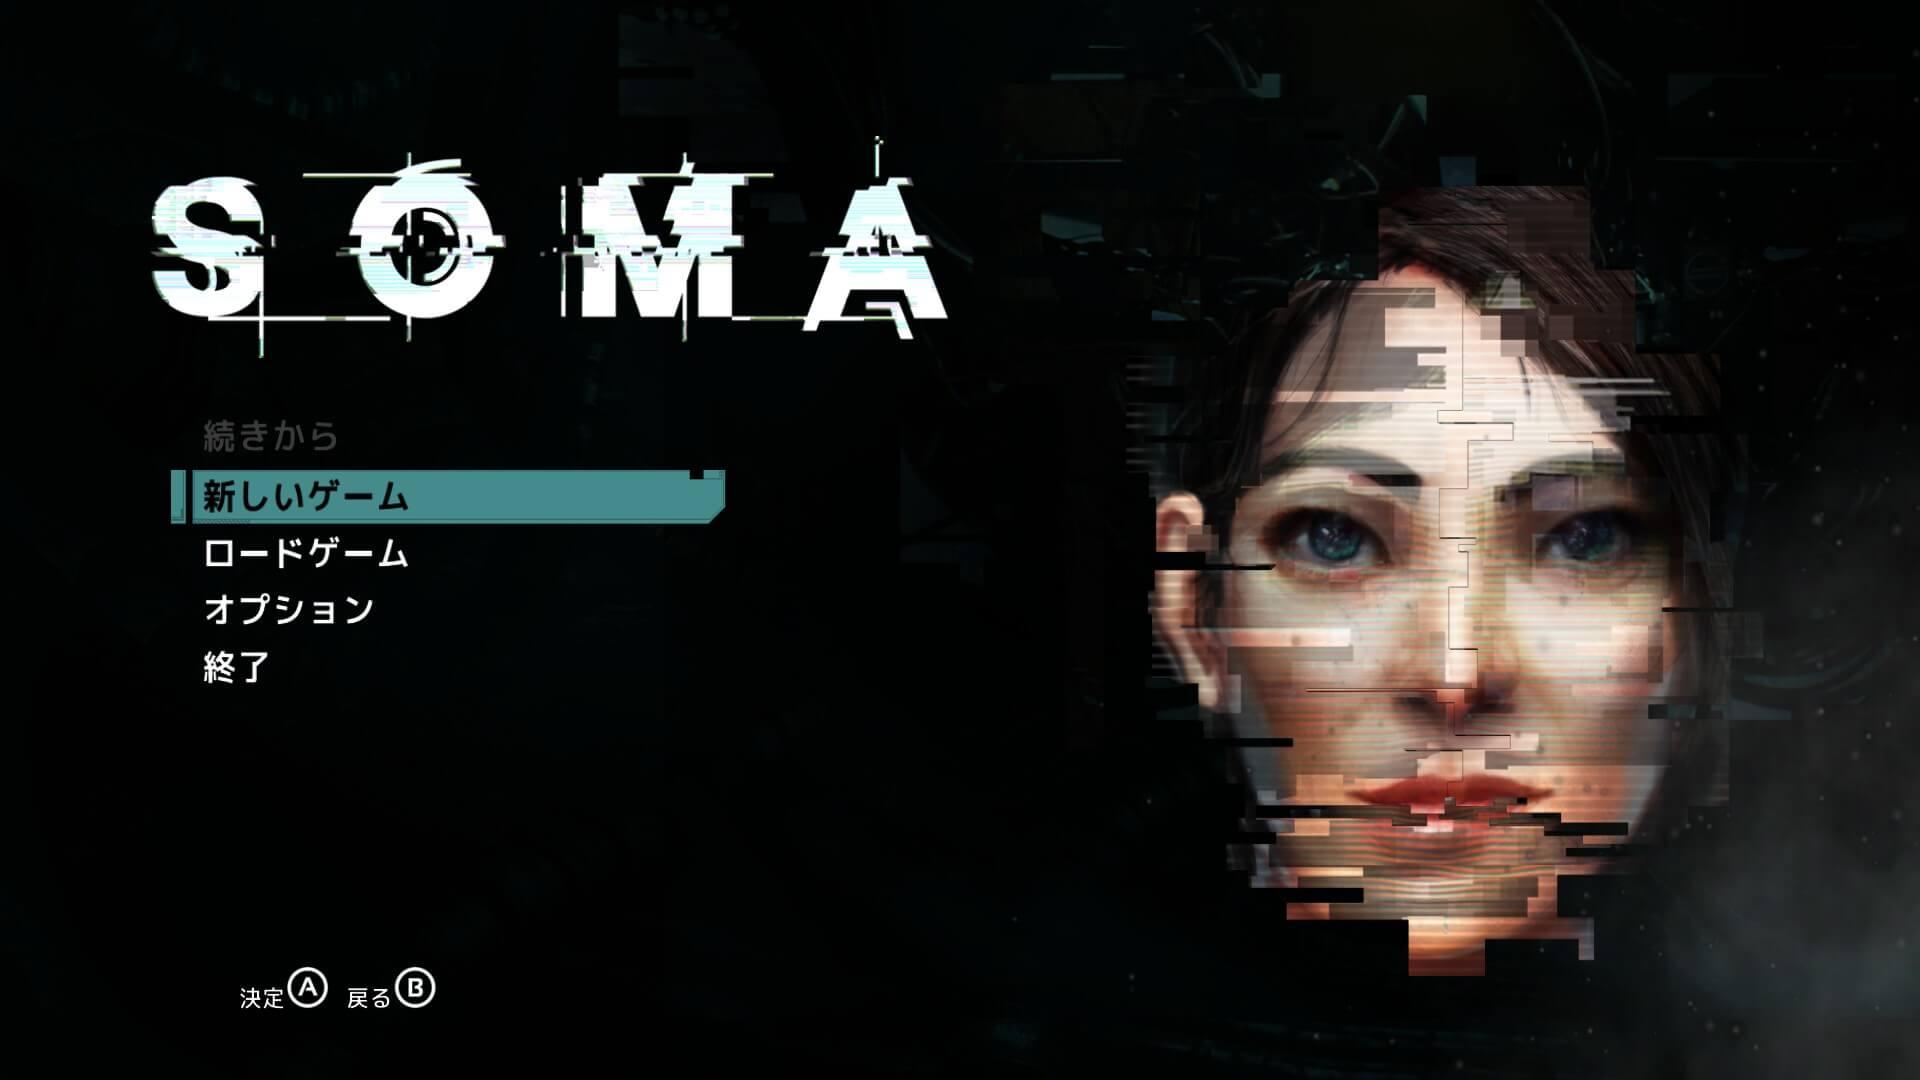 SOMAのメインメニュー/クリア前後ではアートが異なる。